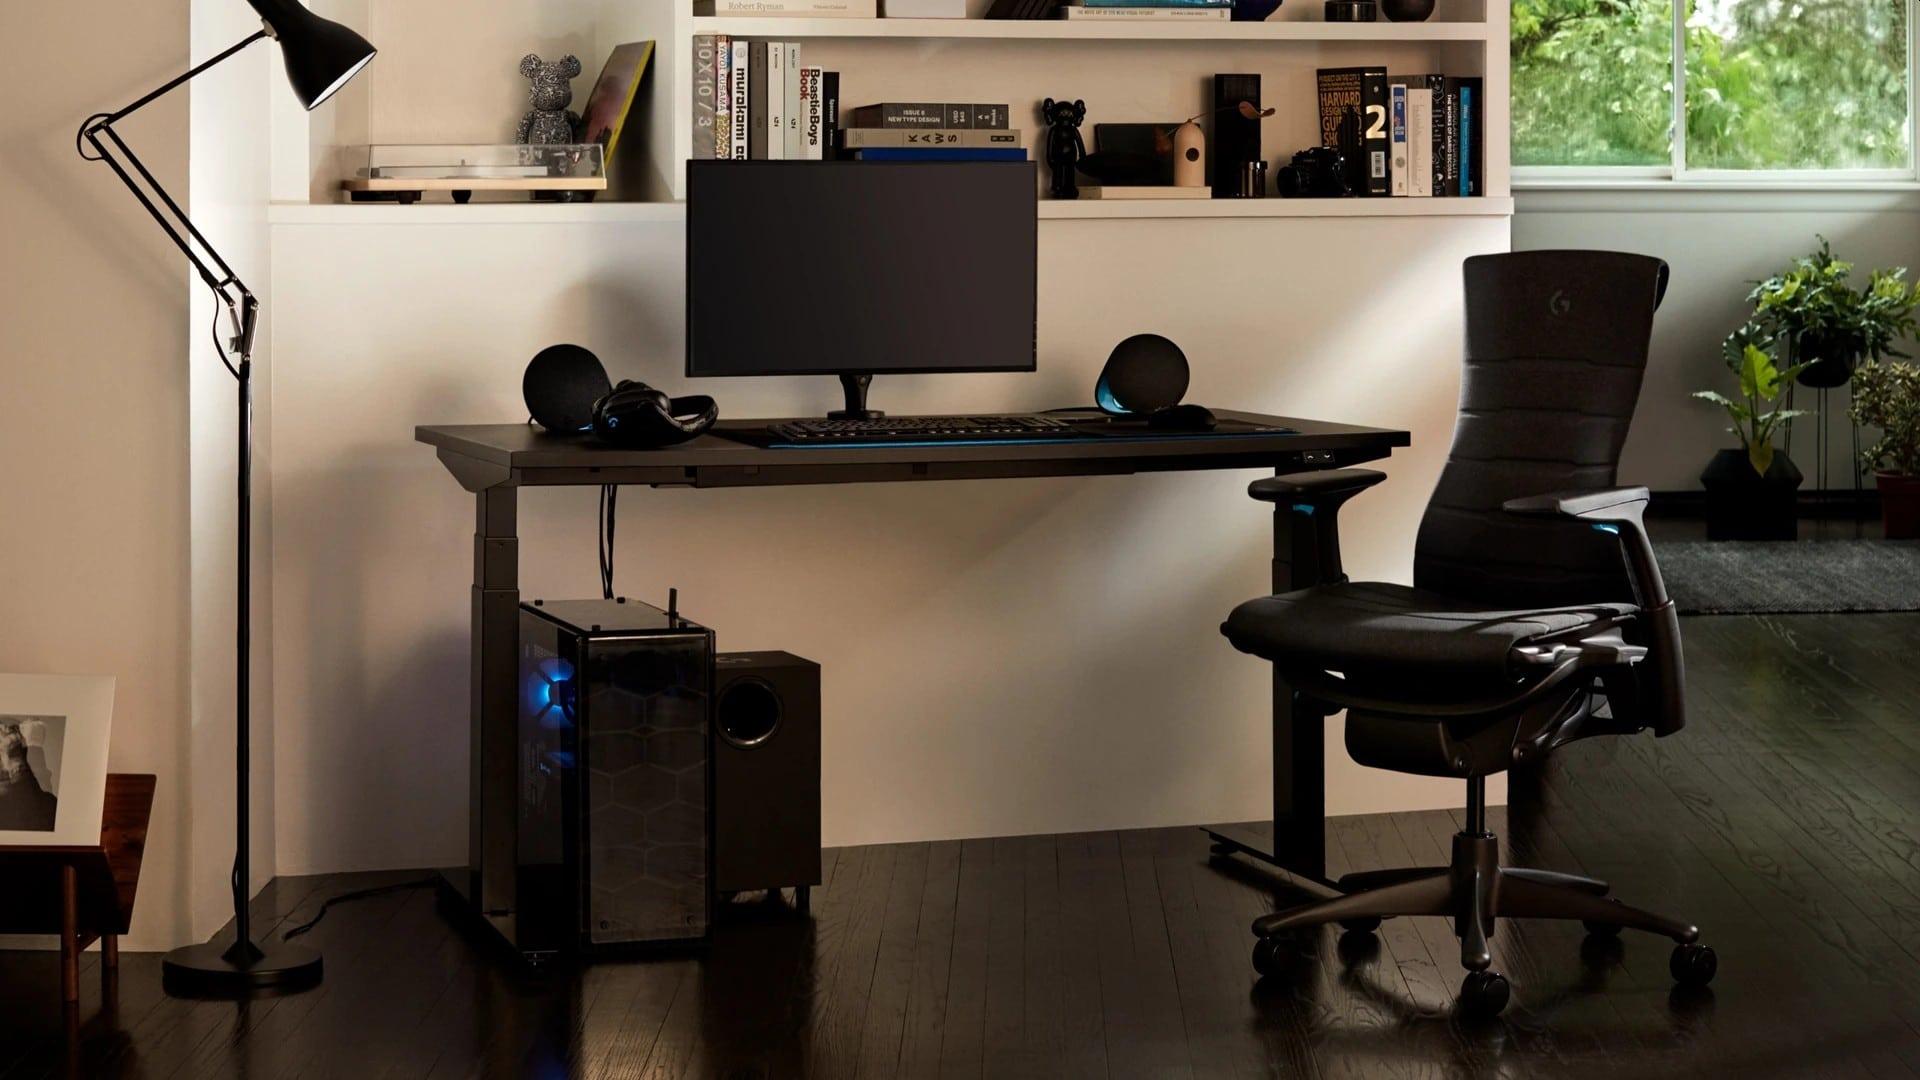 Tisch und Stuhl von echten Experten. (Foto: Herman Miller)